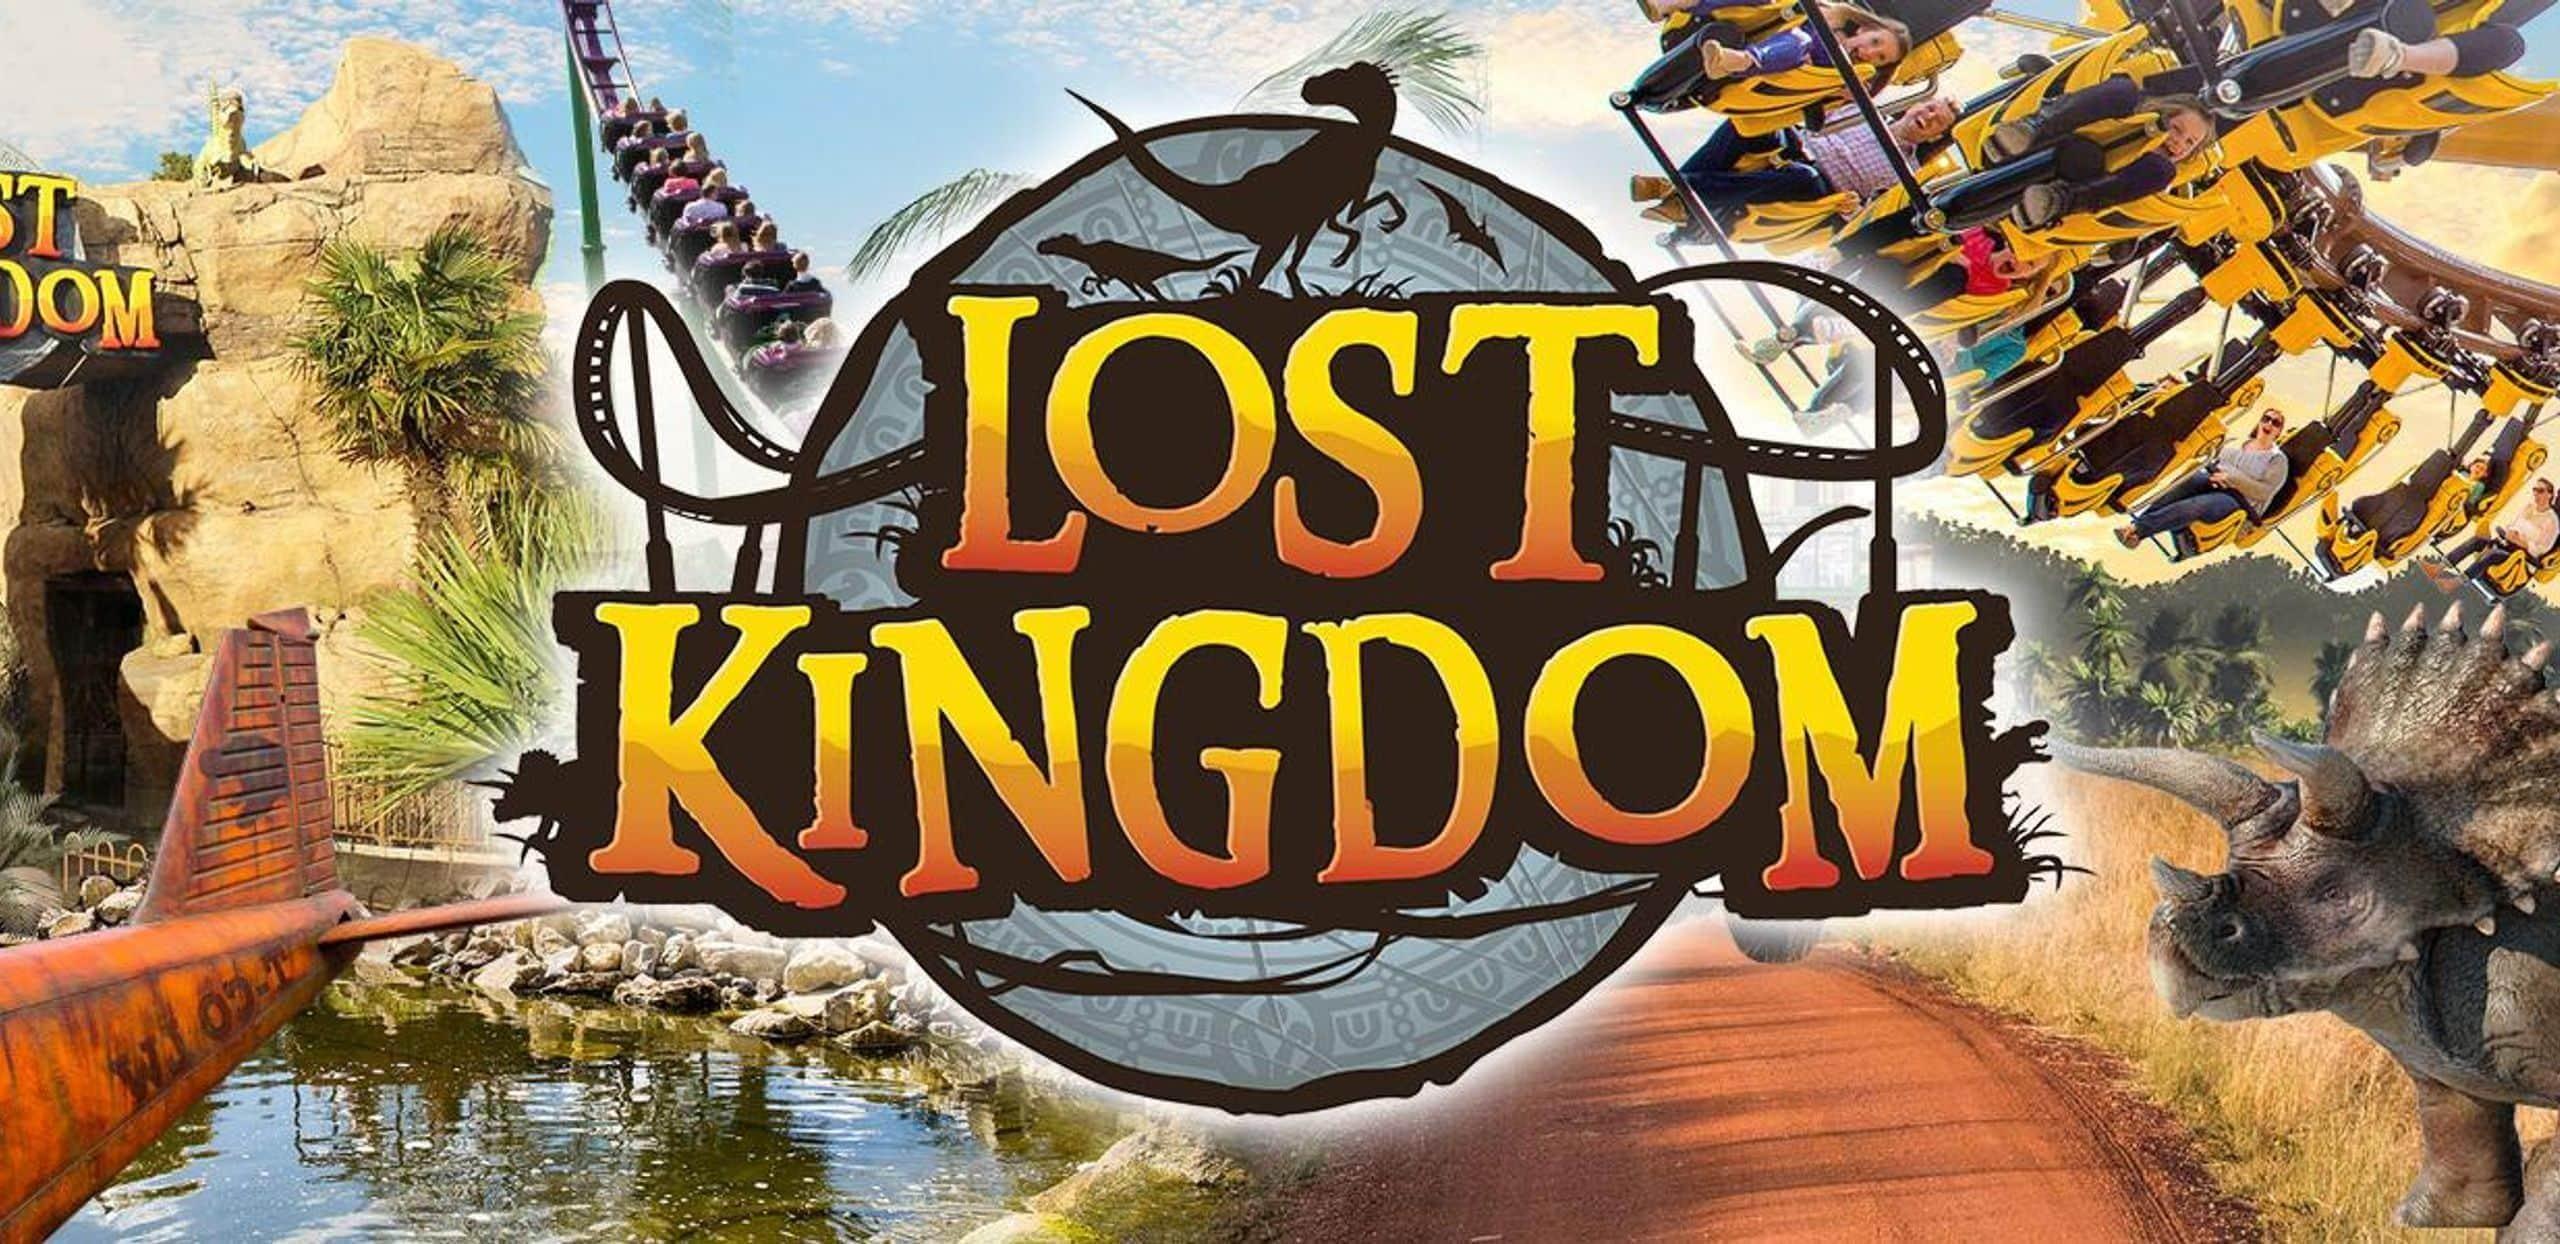 Children at lost kingdom banner